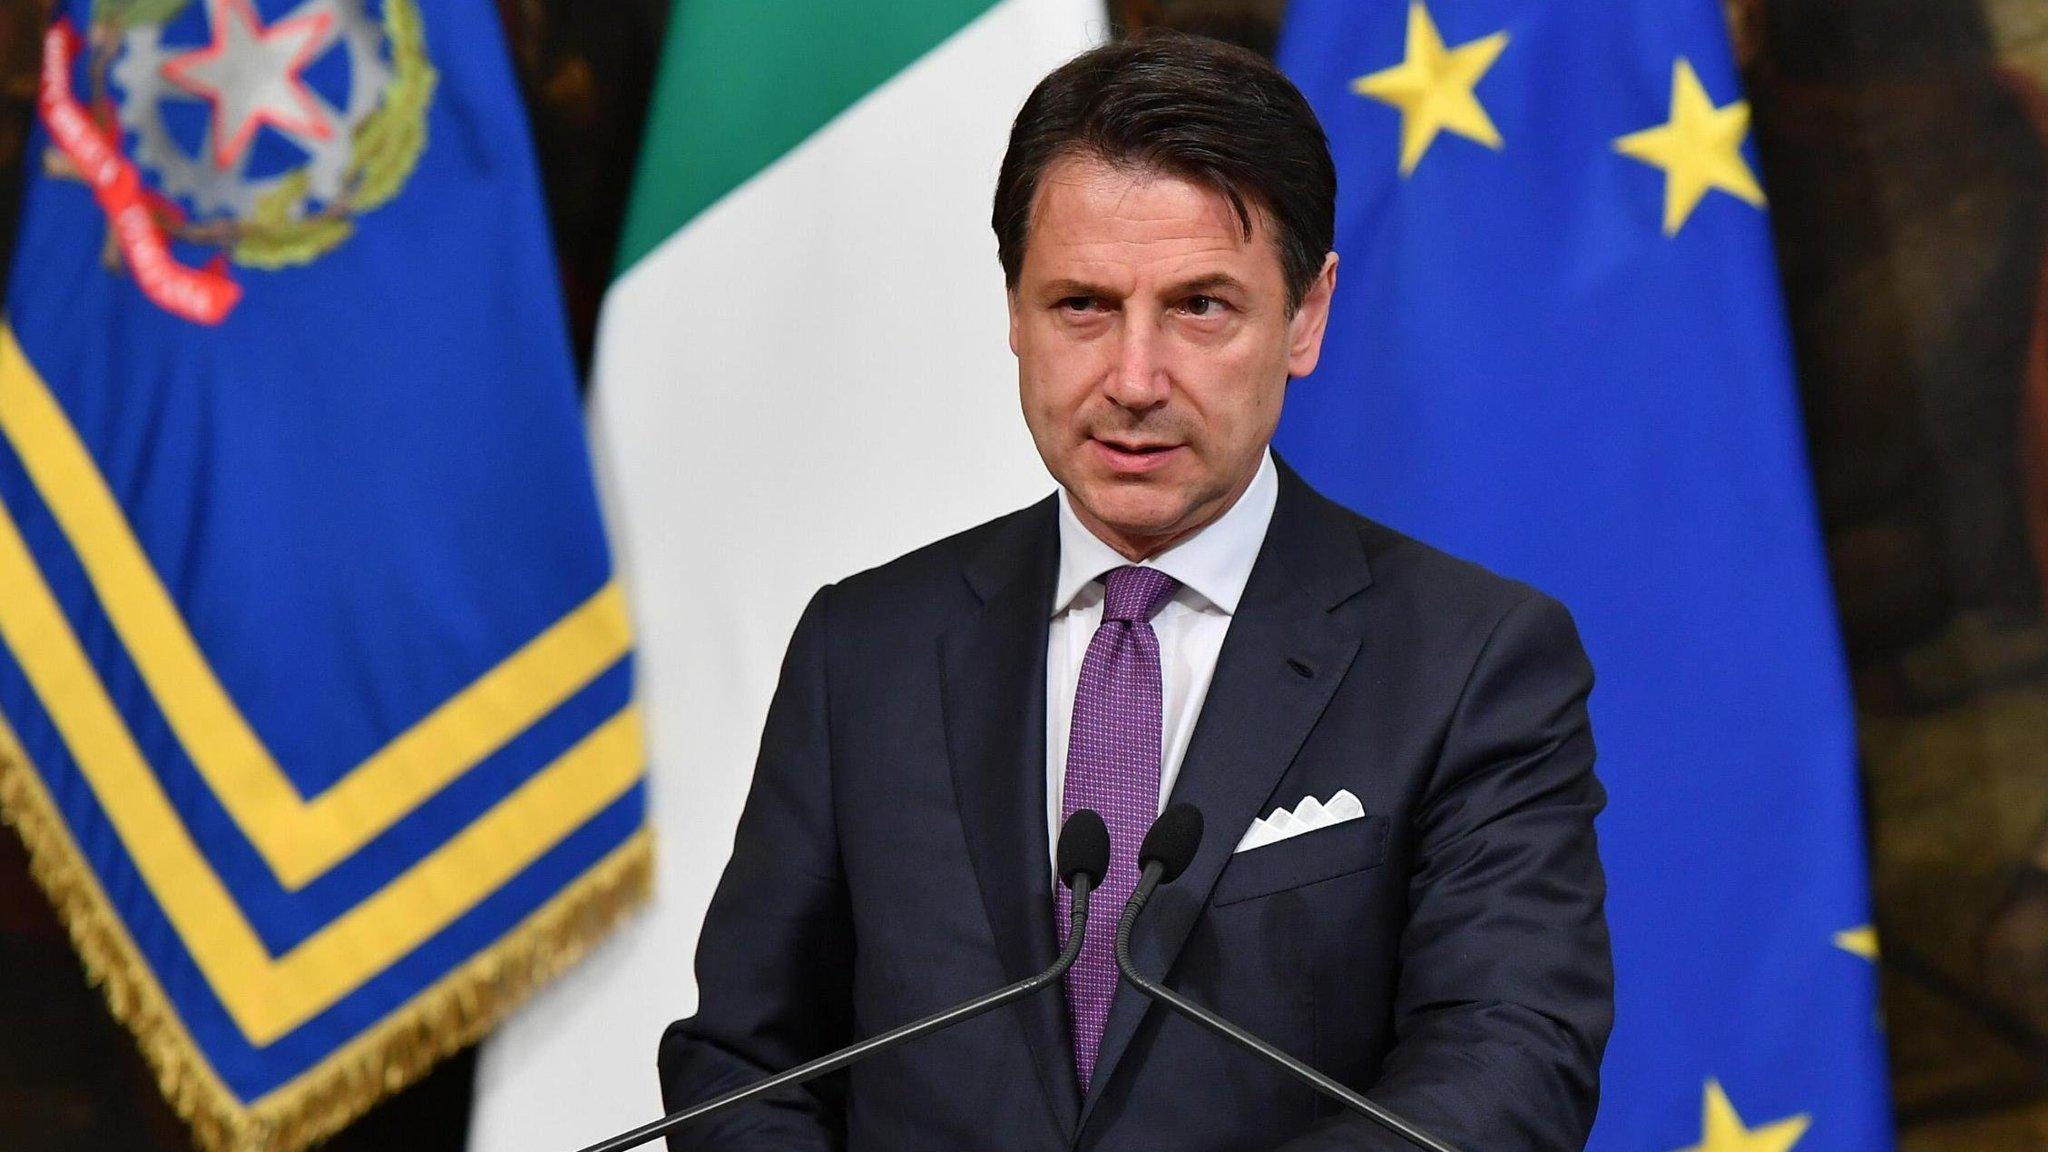 Kriza e qeverisë në Itali, Conte flet në parlament